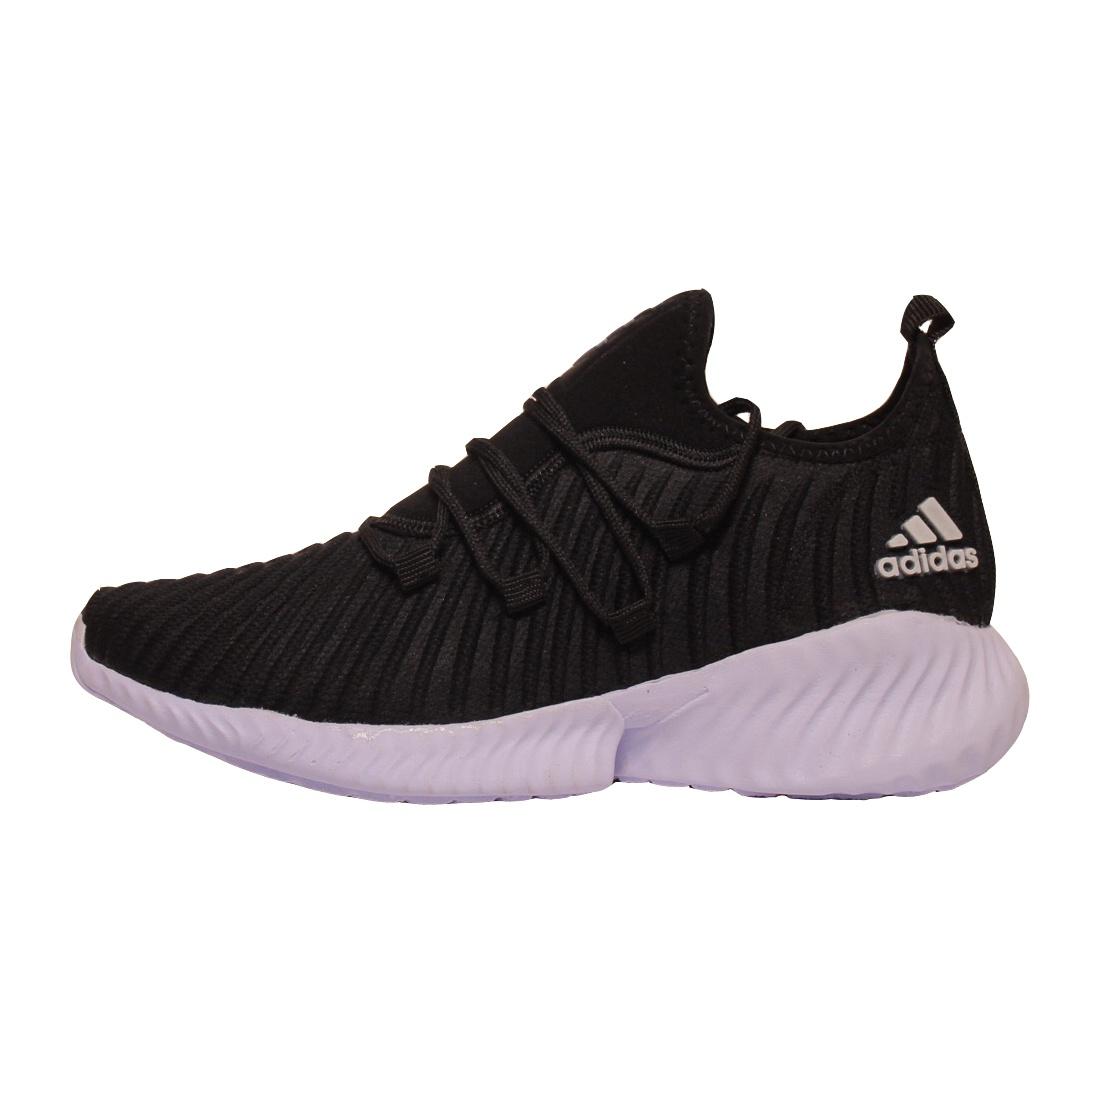 خرید اینترنتی                     کفش مخصوص پیاده روی مردانه کد jor-me-se 001